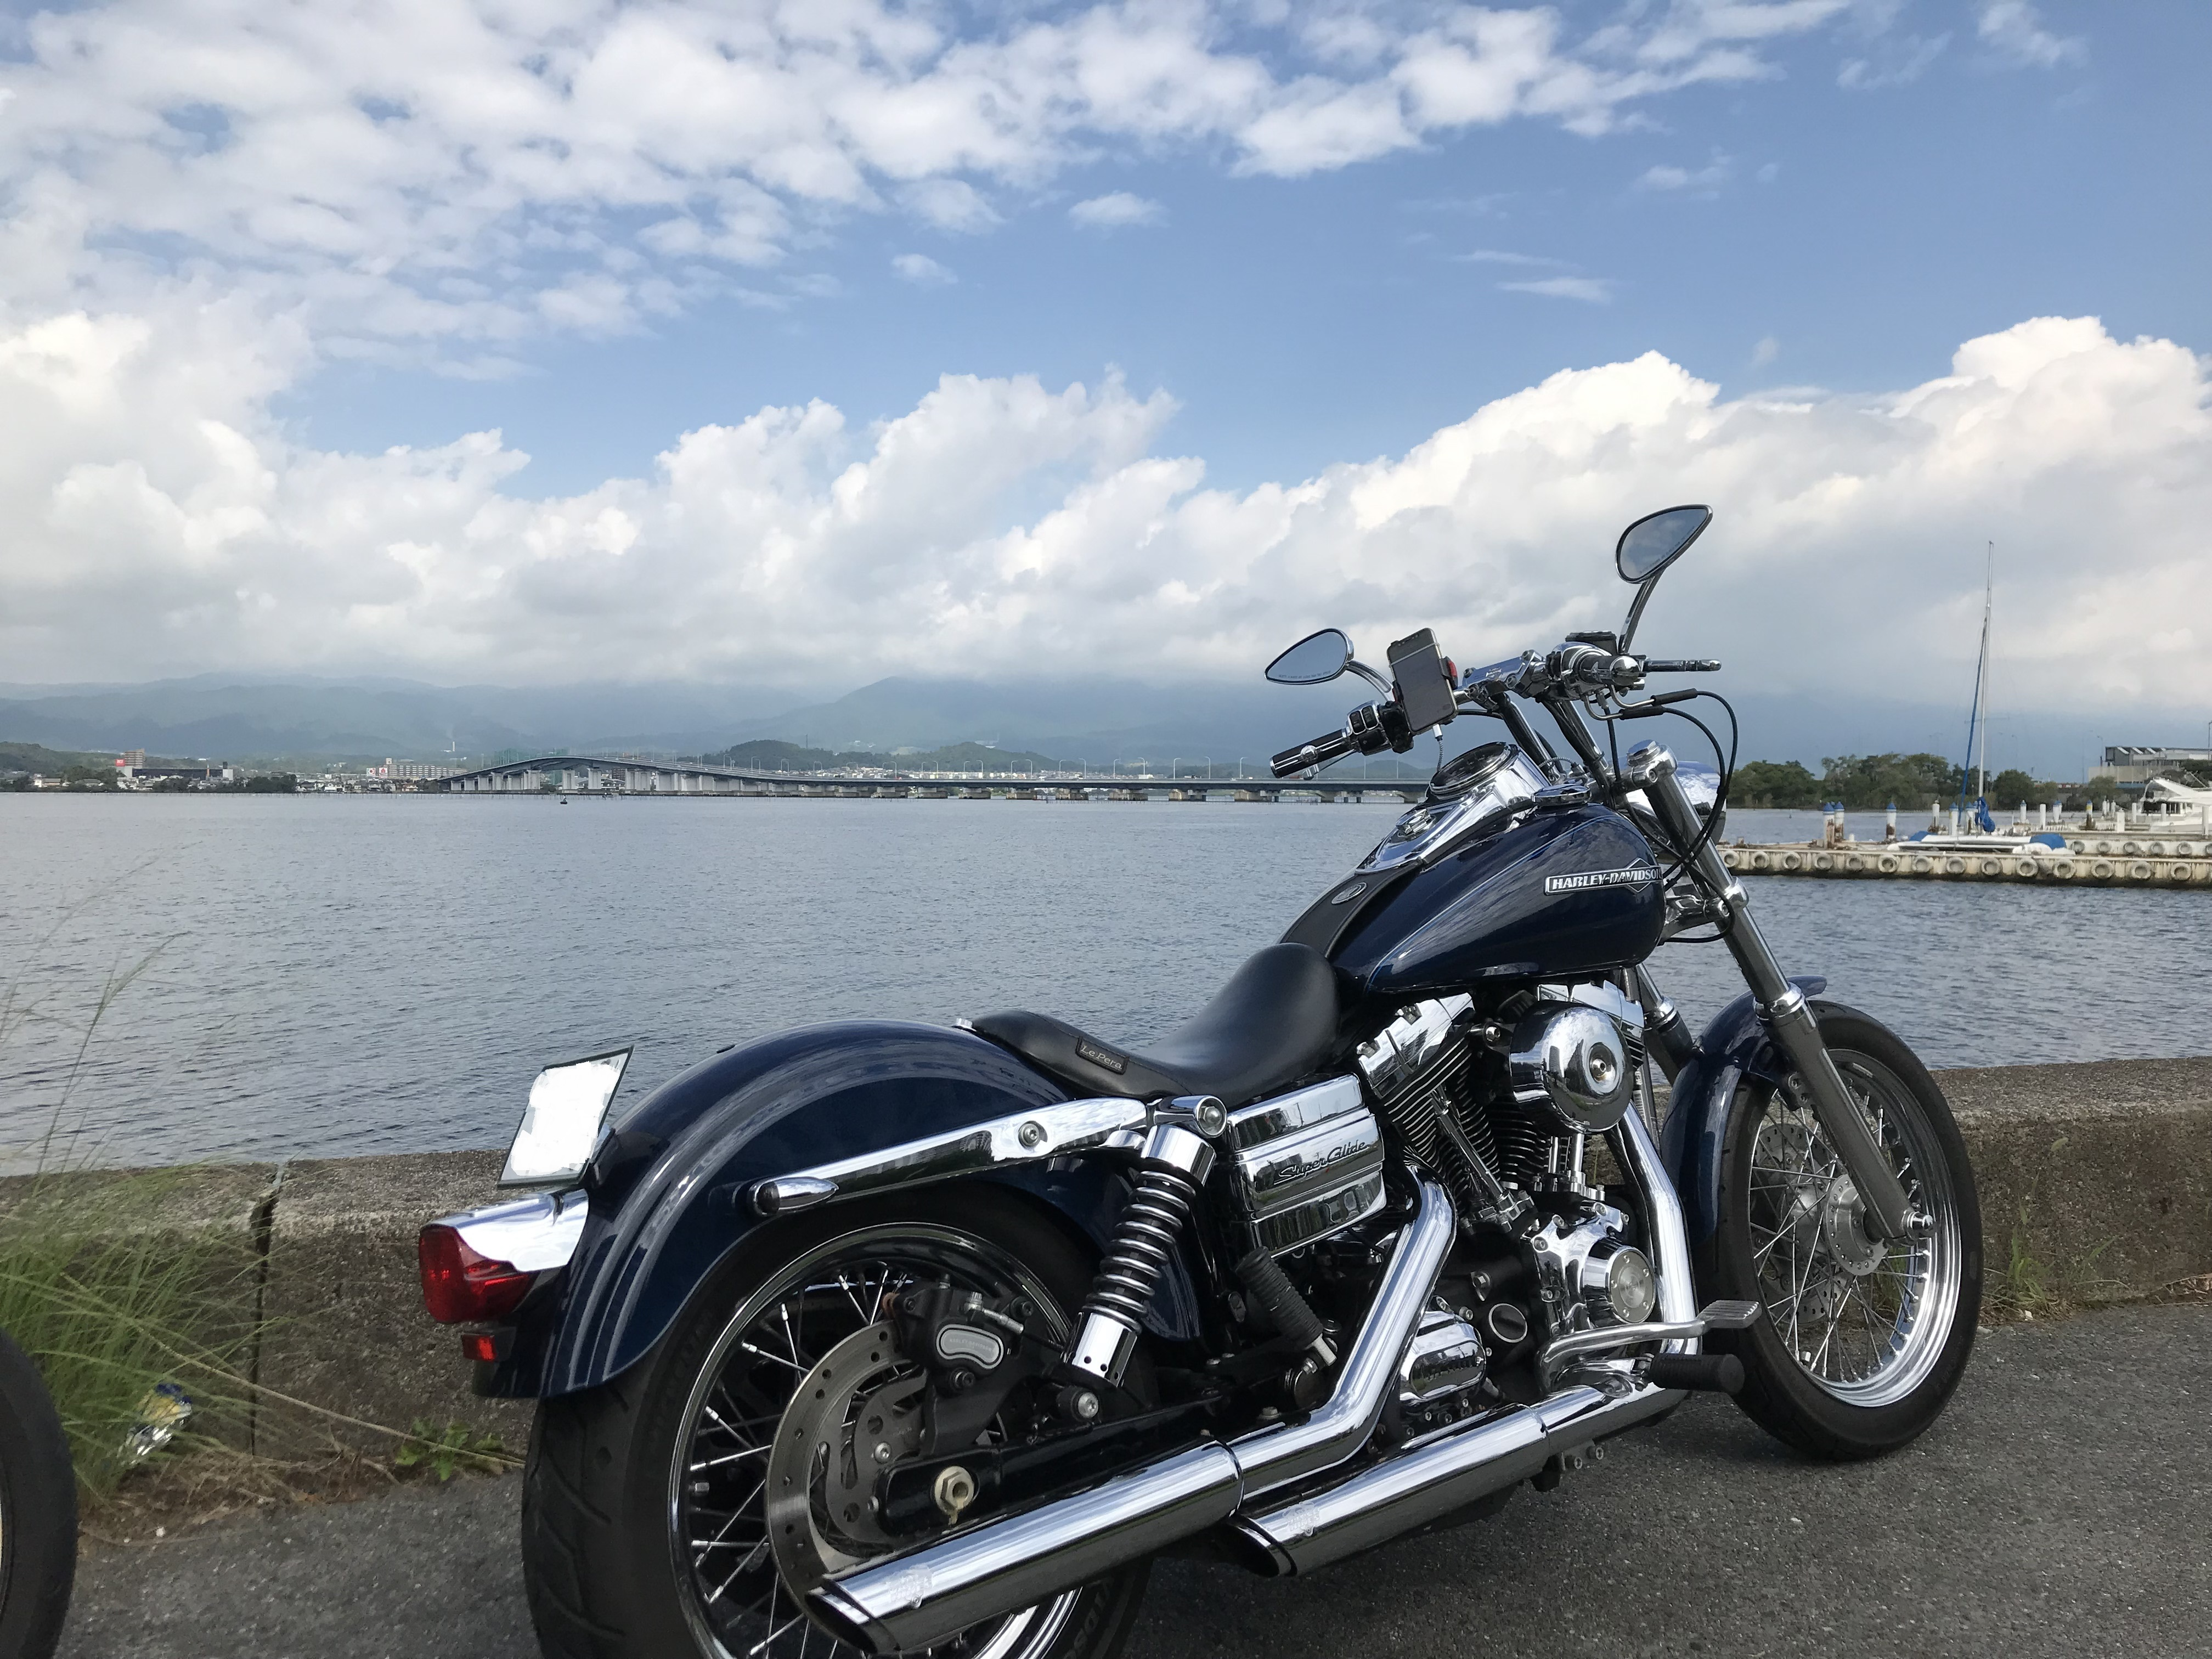 motorcycle-touring-oumihatiman-biwako-bridge.jpg